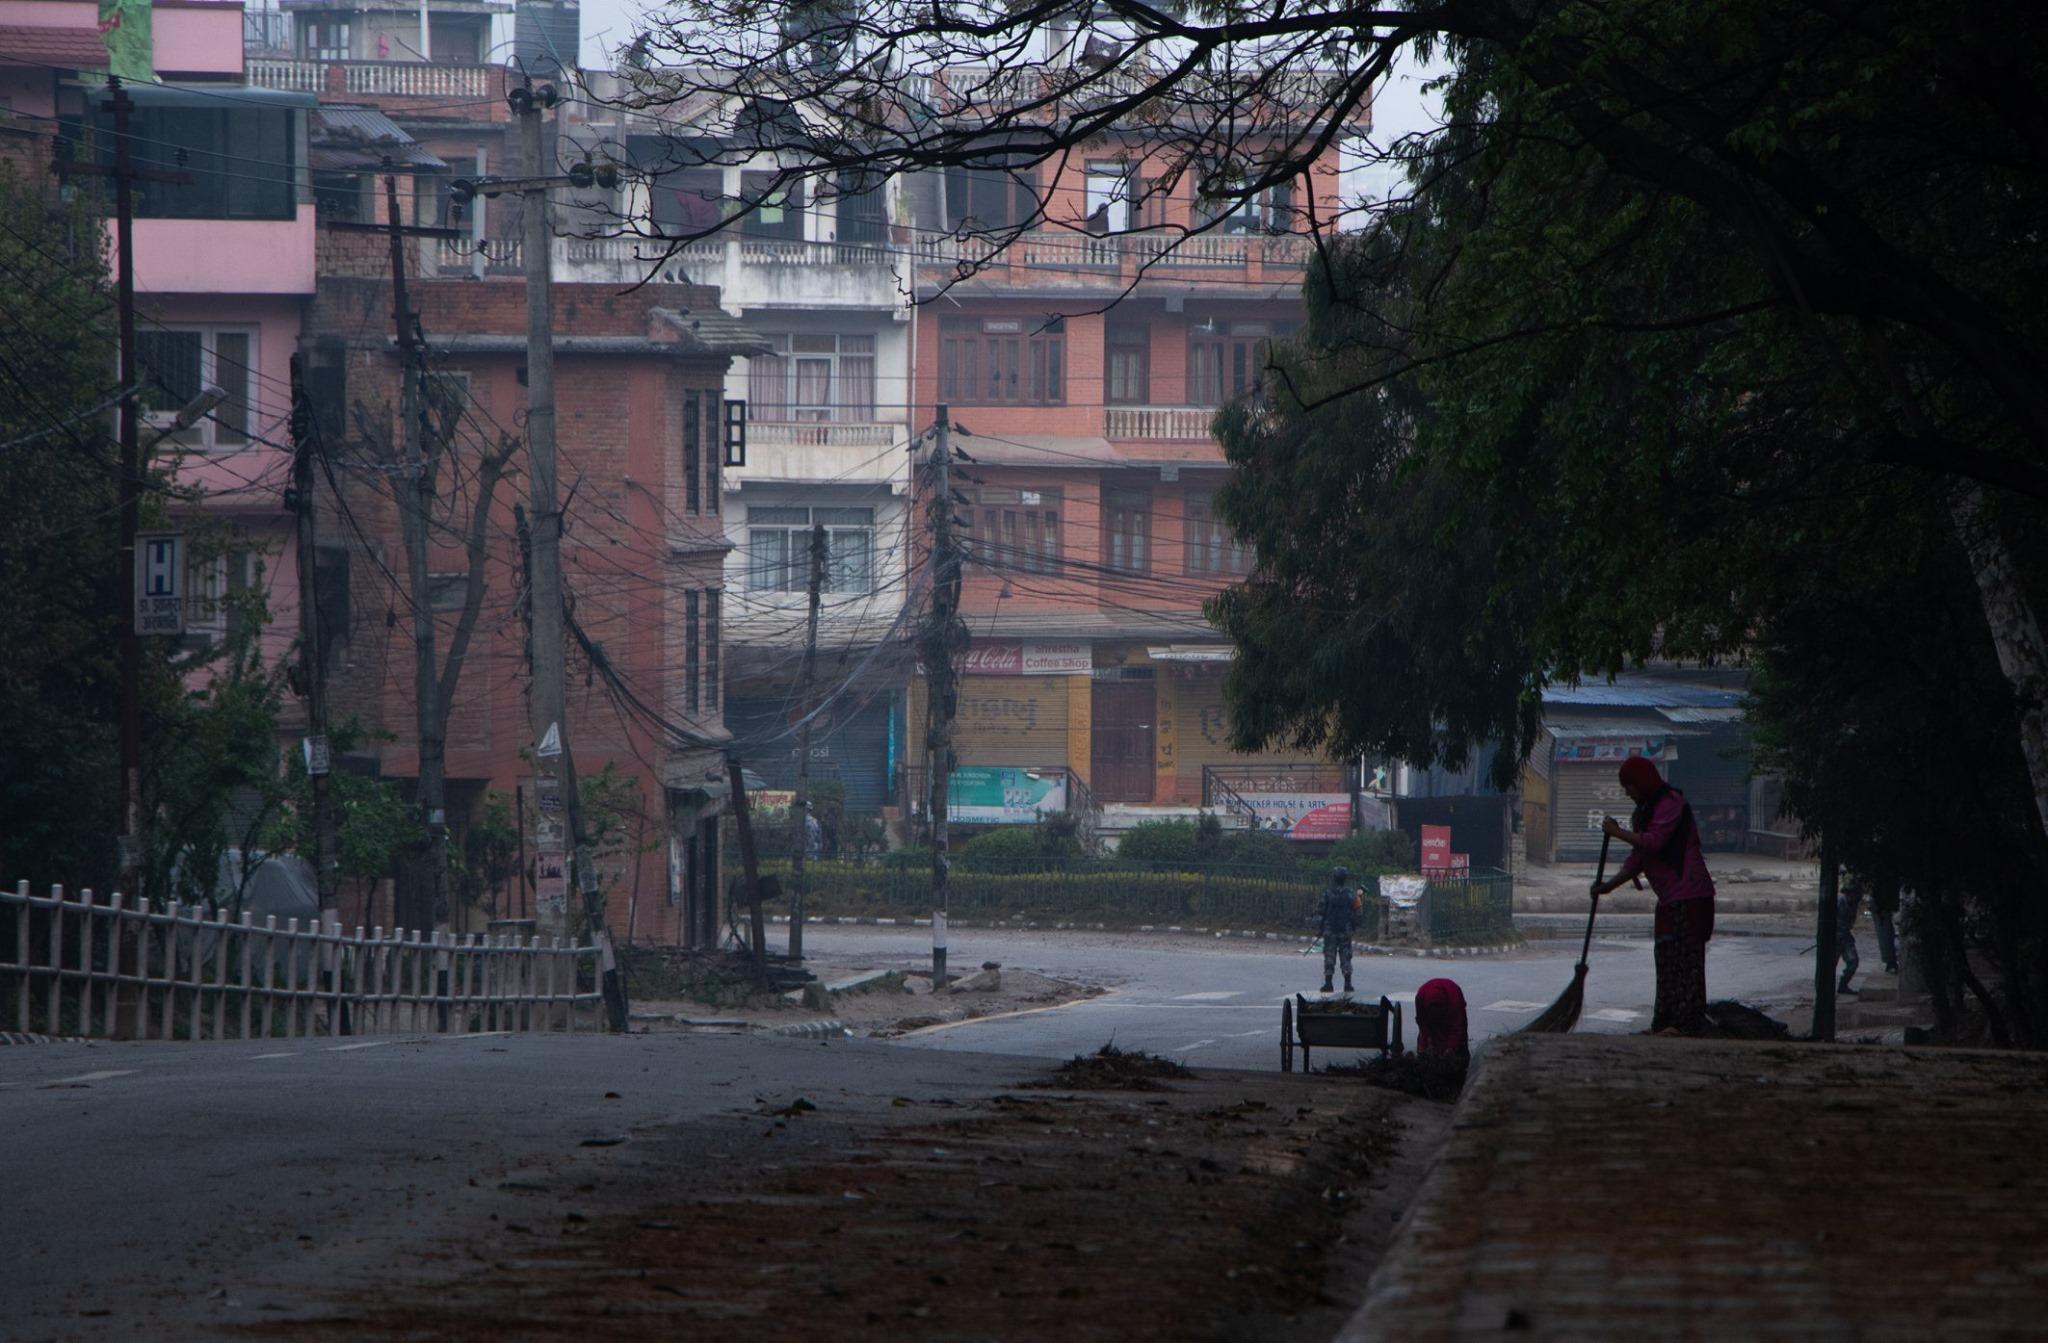 https://www.bhaktapur.com/wp-content/uploads/2020/06/sallaghari-Amit-Machamasi.jpg